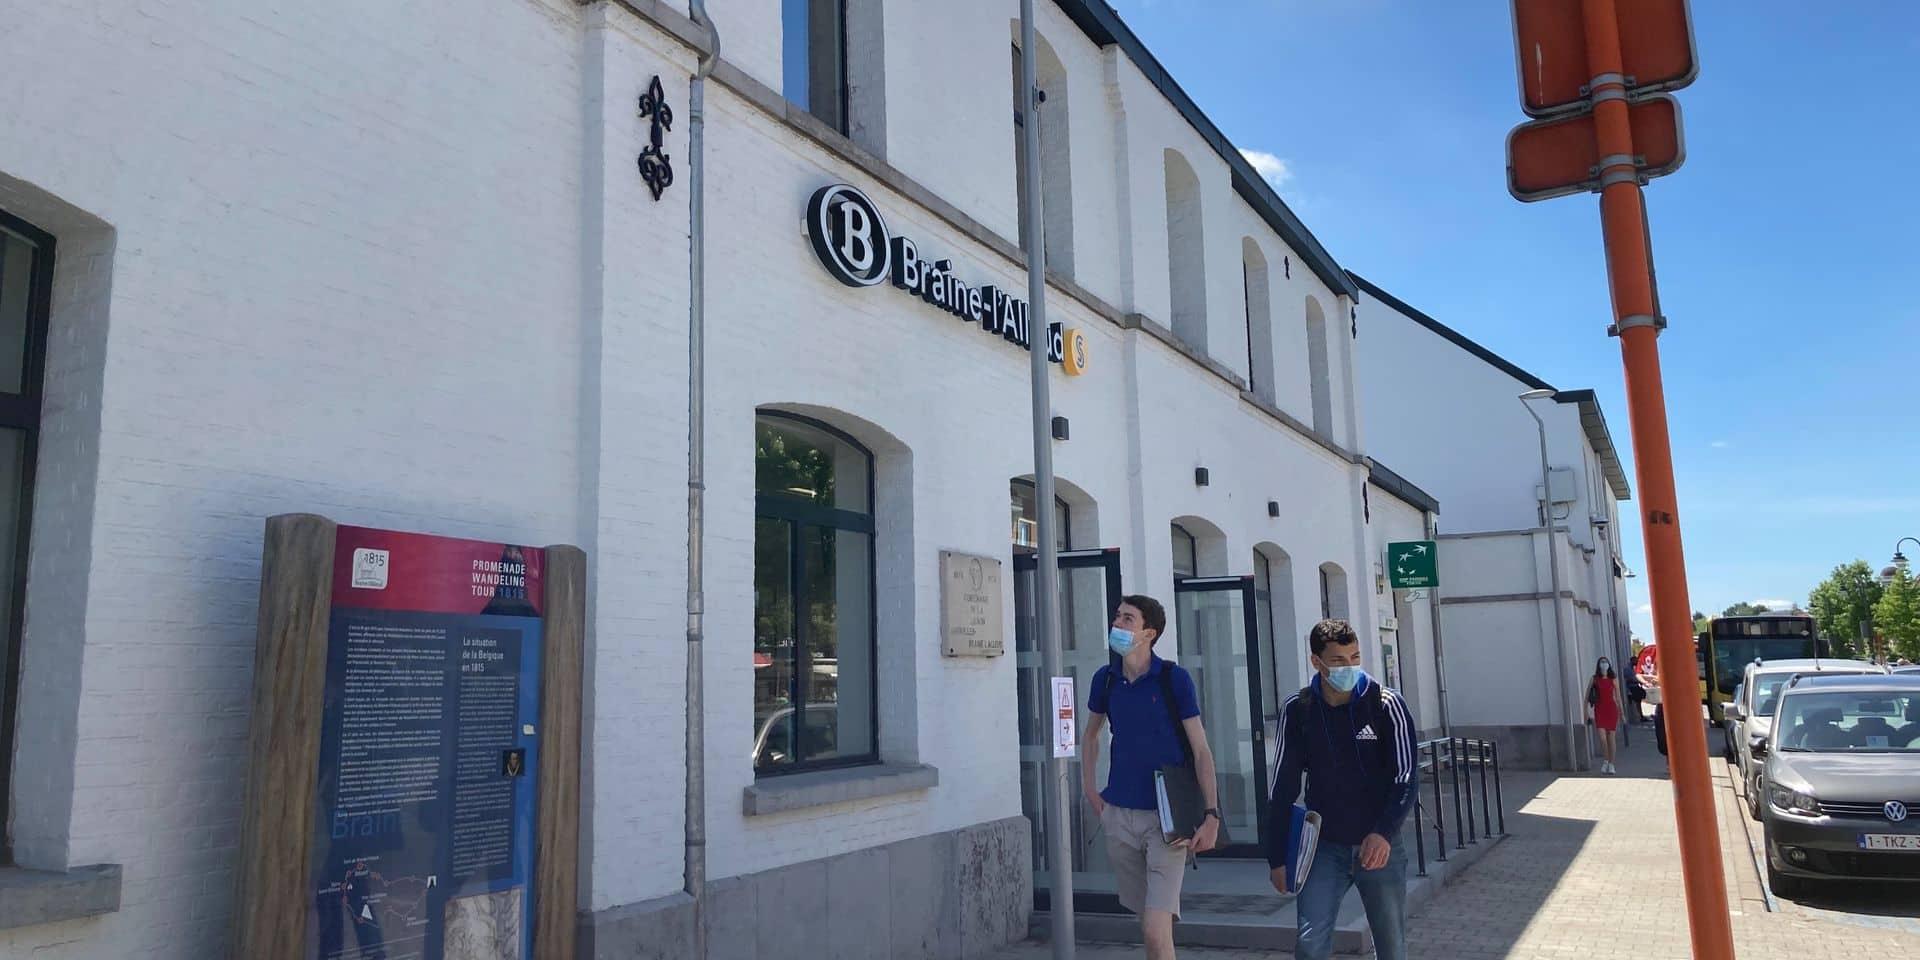 Le bâtiment voyageurs de la gare de Braine-l'Alleud à nouveau accessible